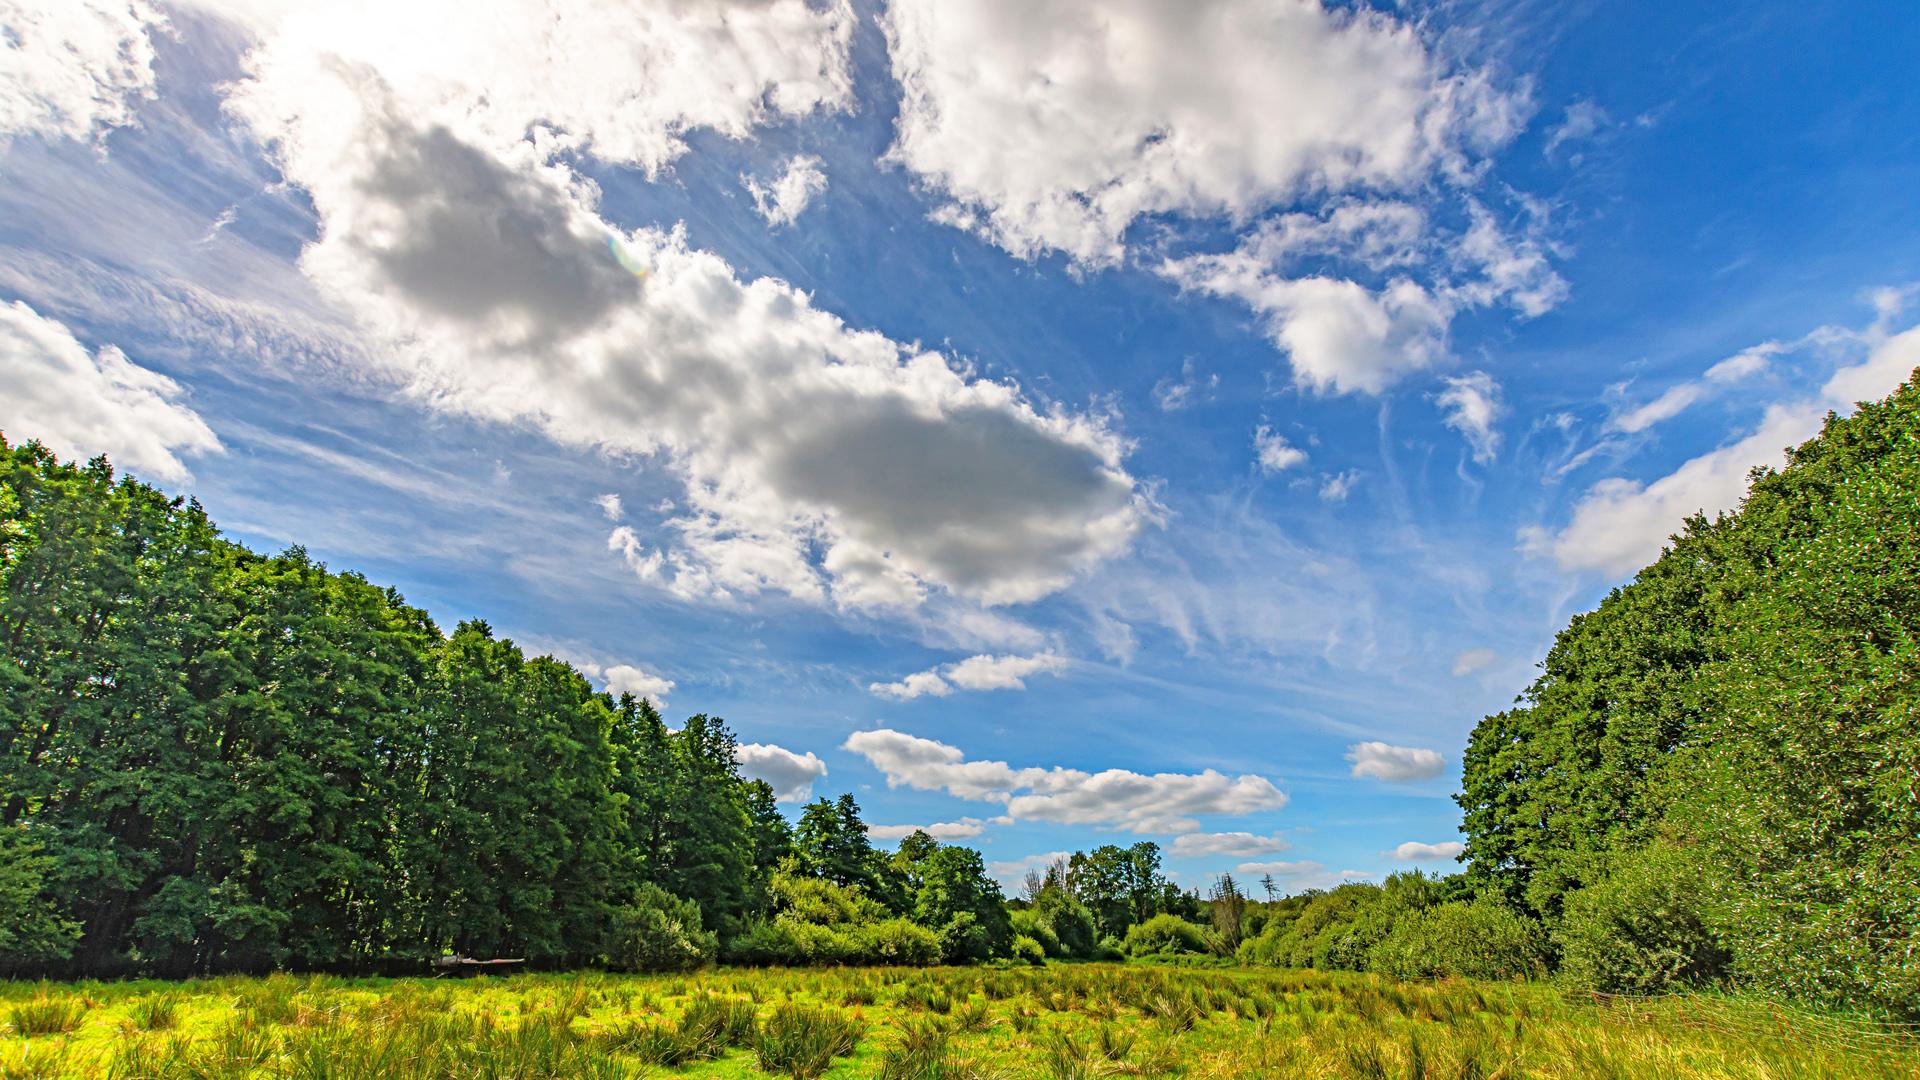 Natur pur rund um Mulmshorn - hier kommt man richtig zur Ruhe